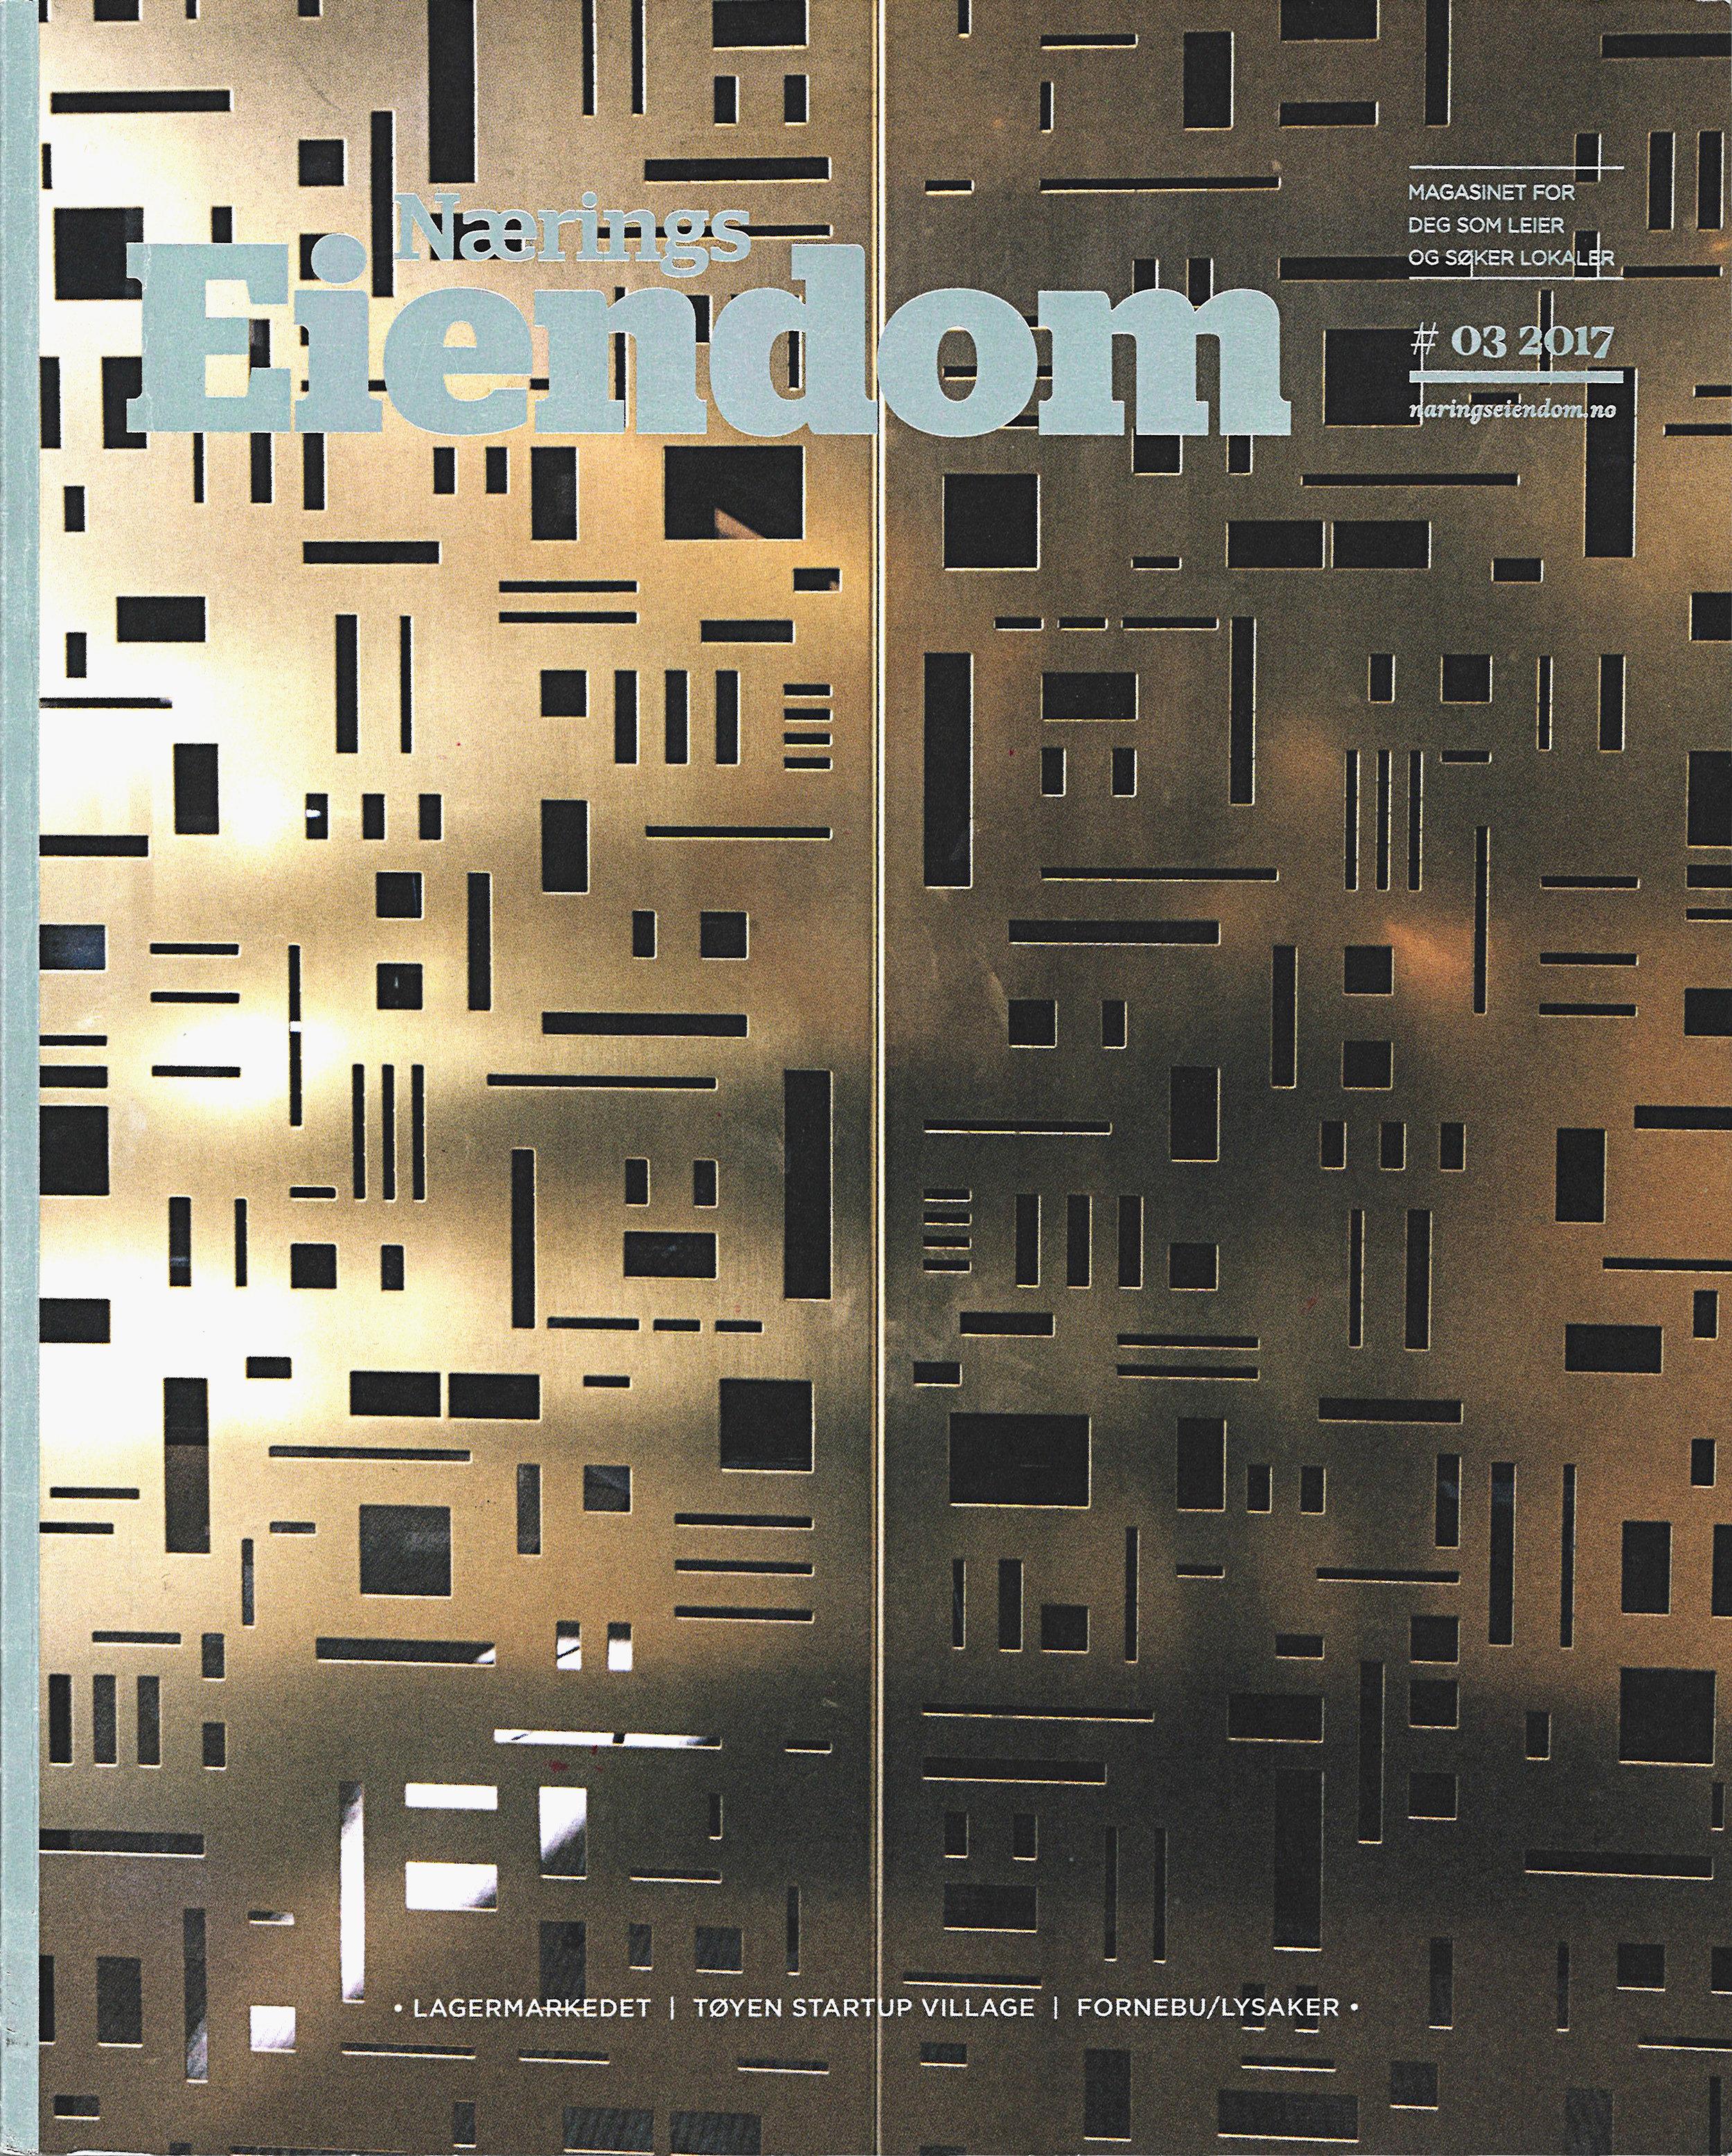 Naerings-Eiendom-nr-3-2017-forside.jpg